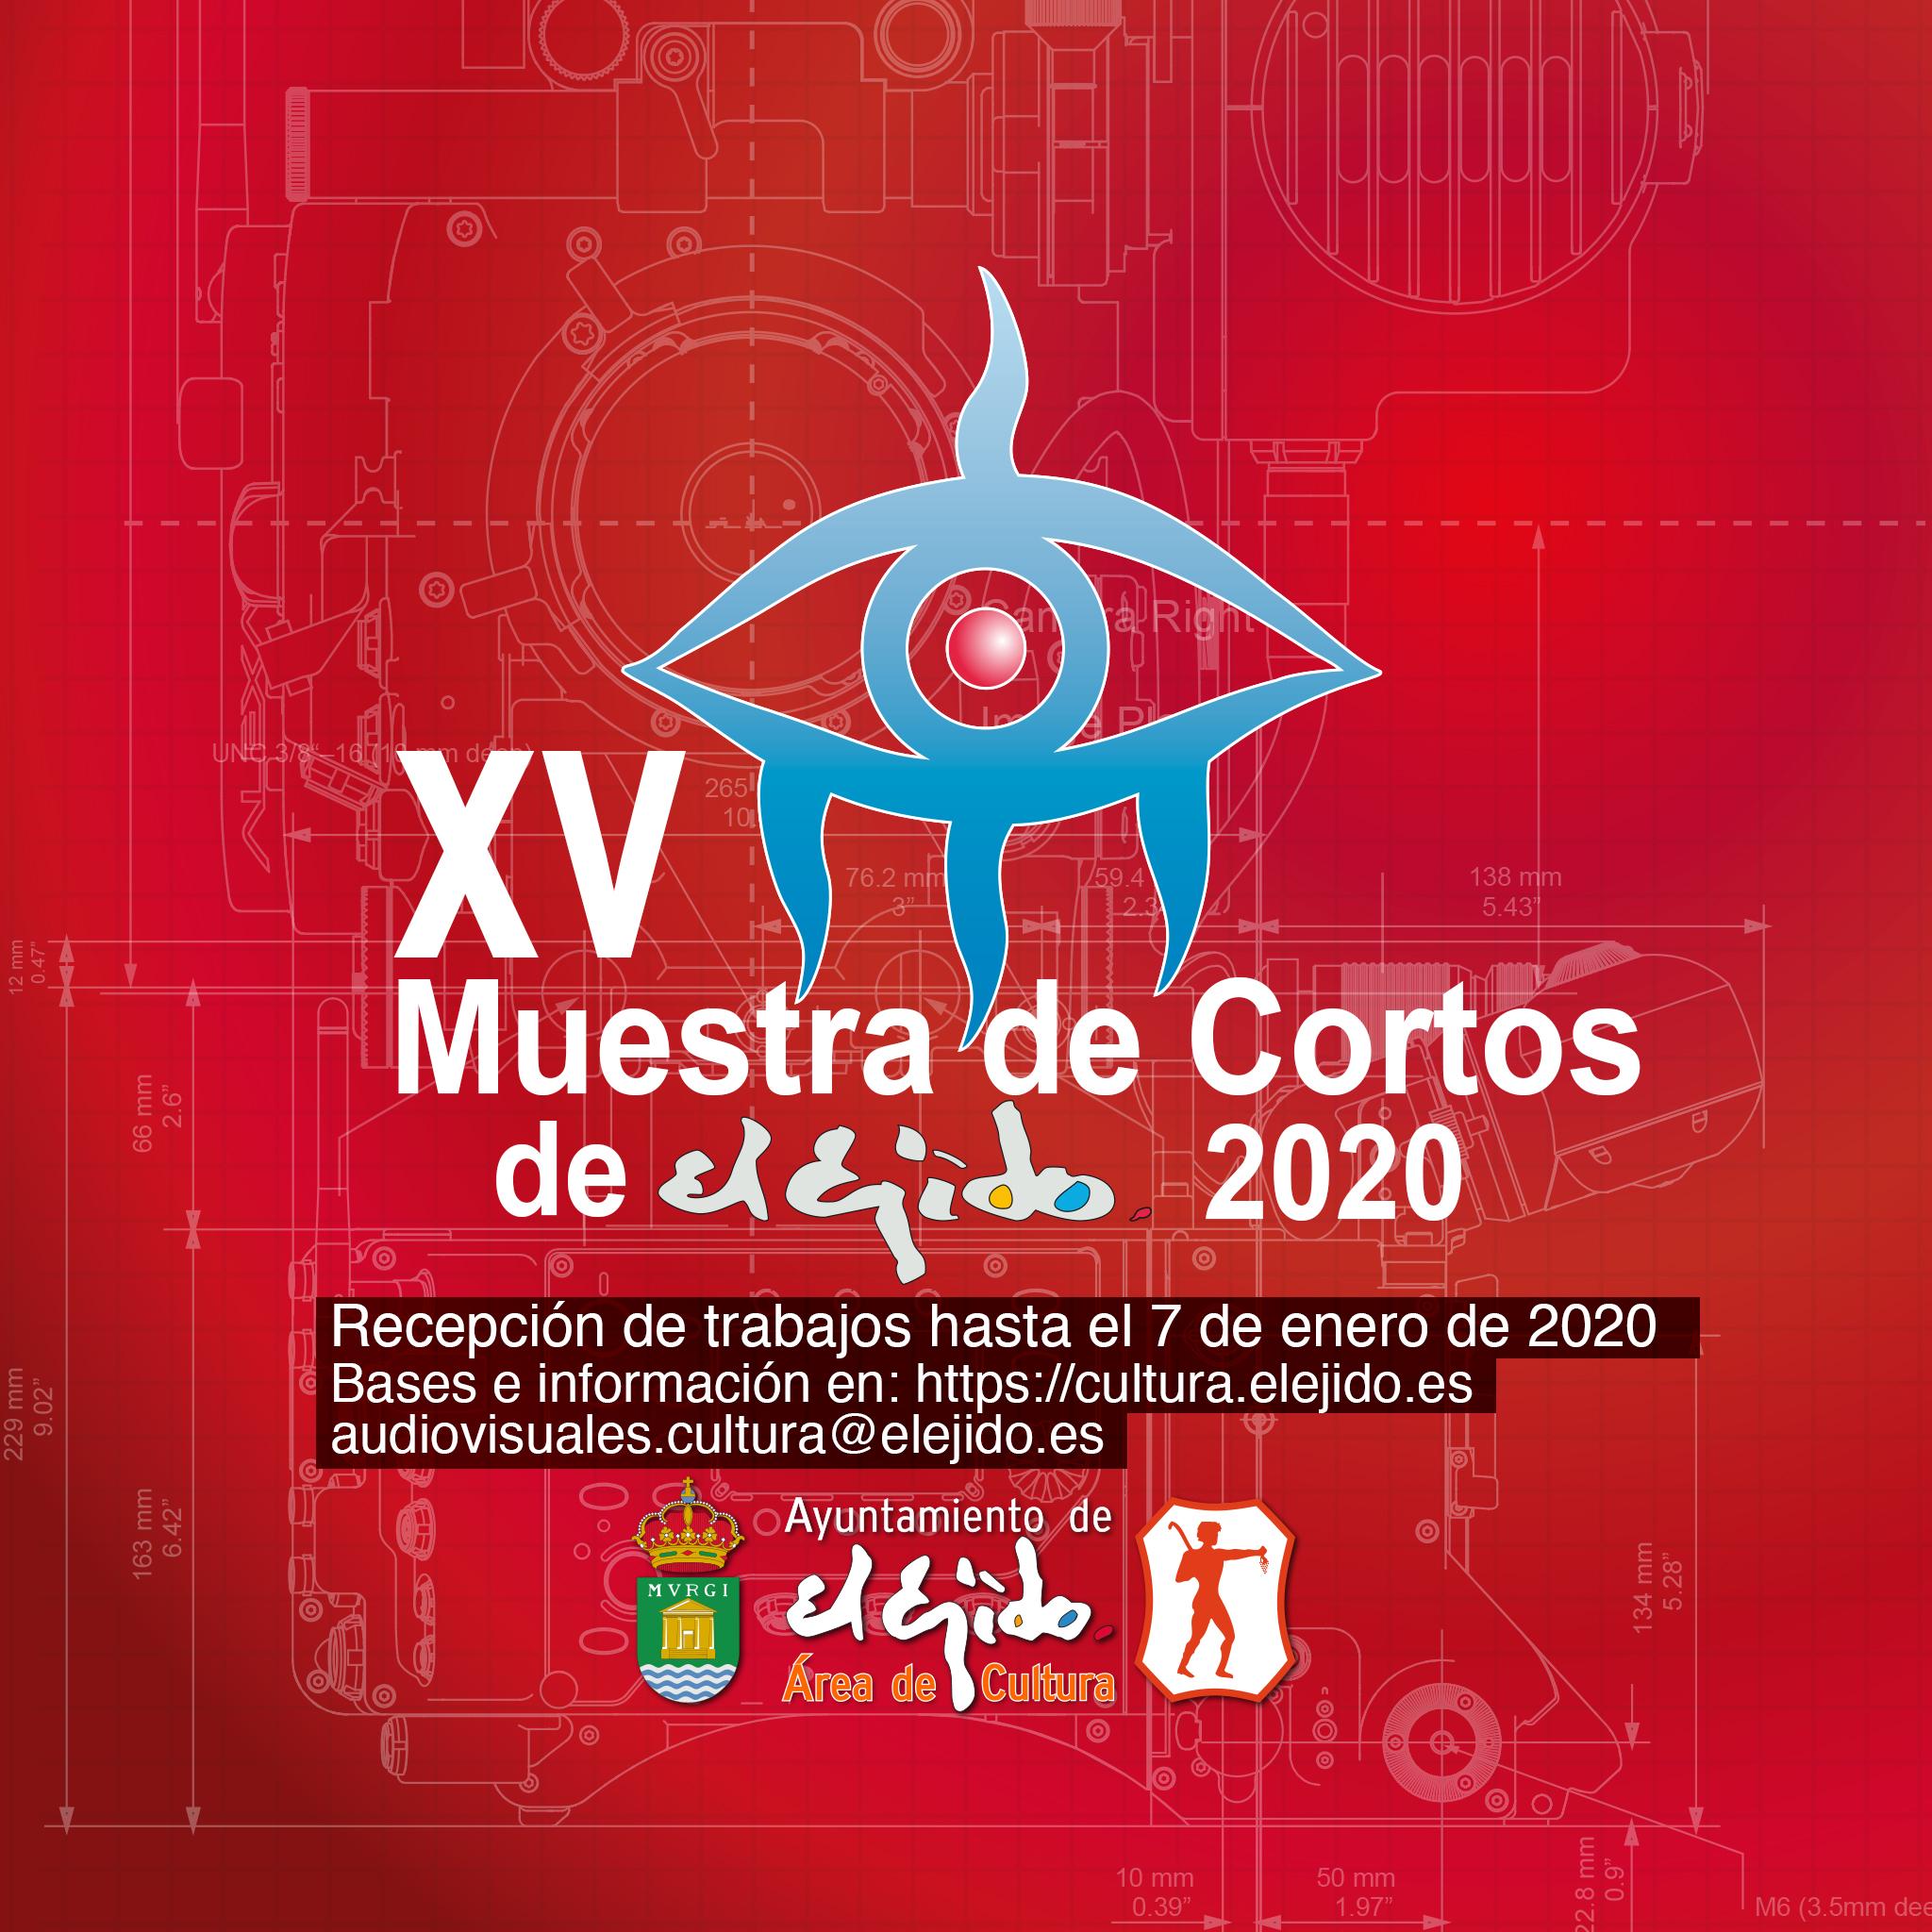 Avance de Bases de la XV Muestra de Cortos de El Ejido 2020 – Recepción de trabajos hasta el 07/01/2020